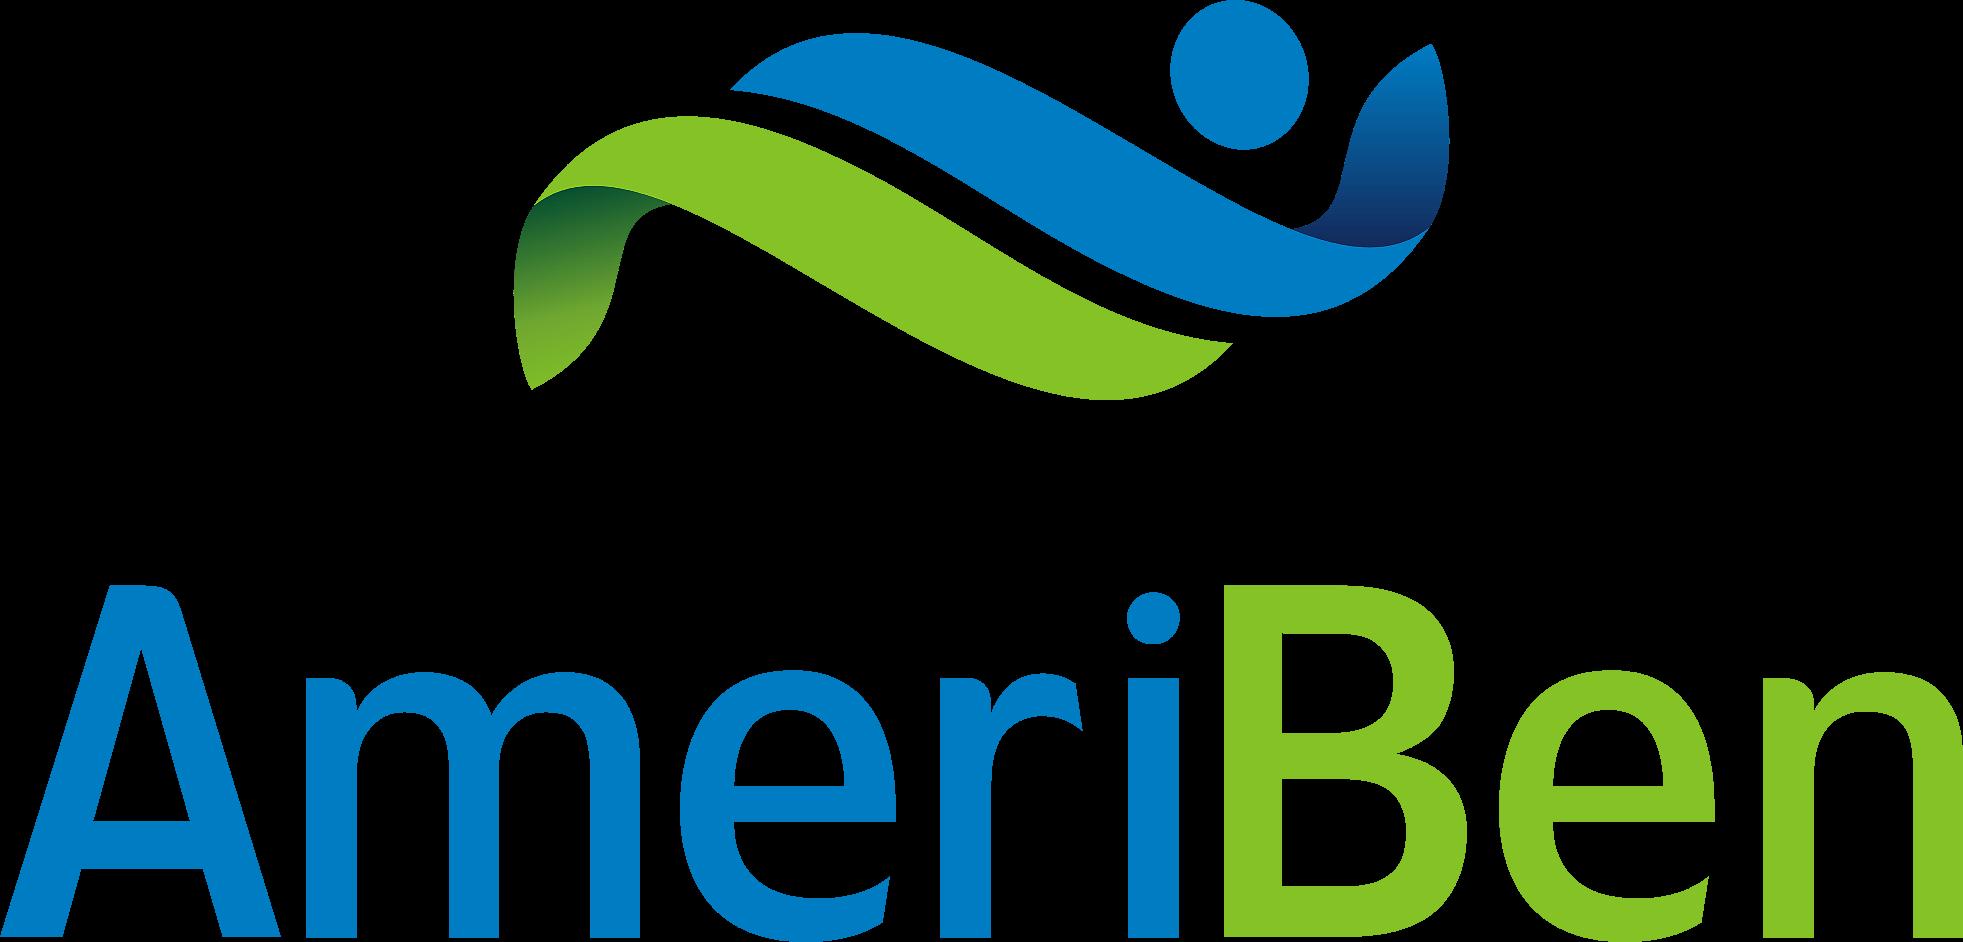 Ameriben logo